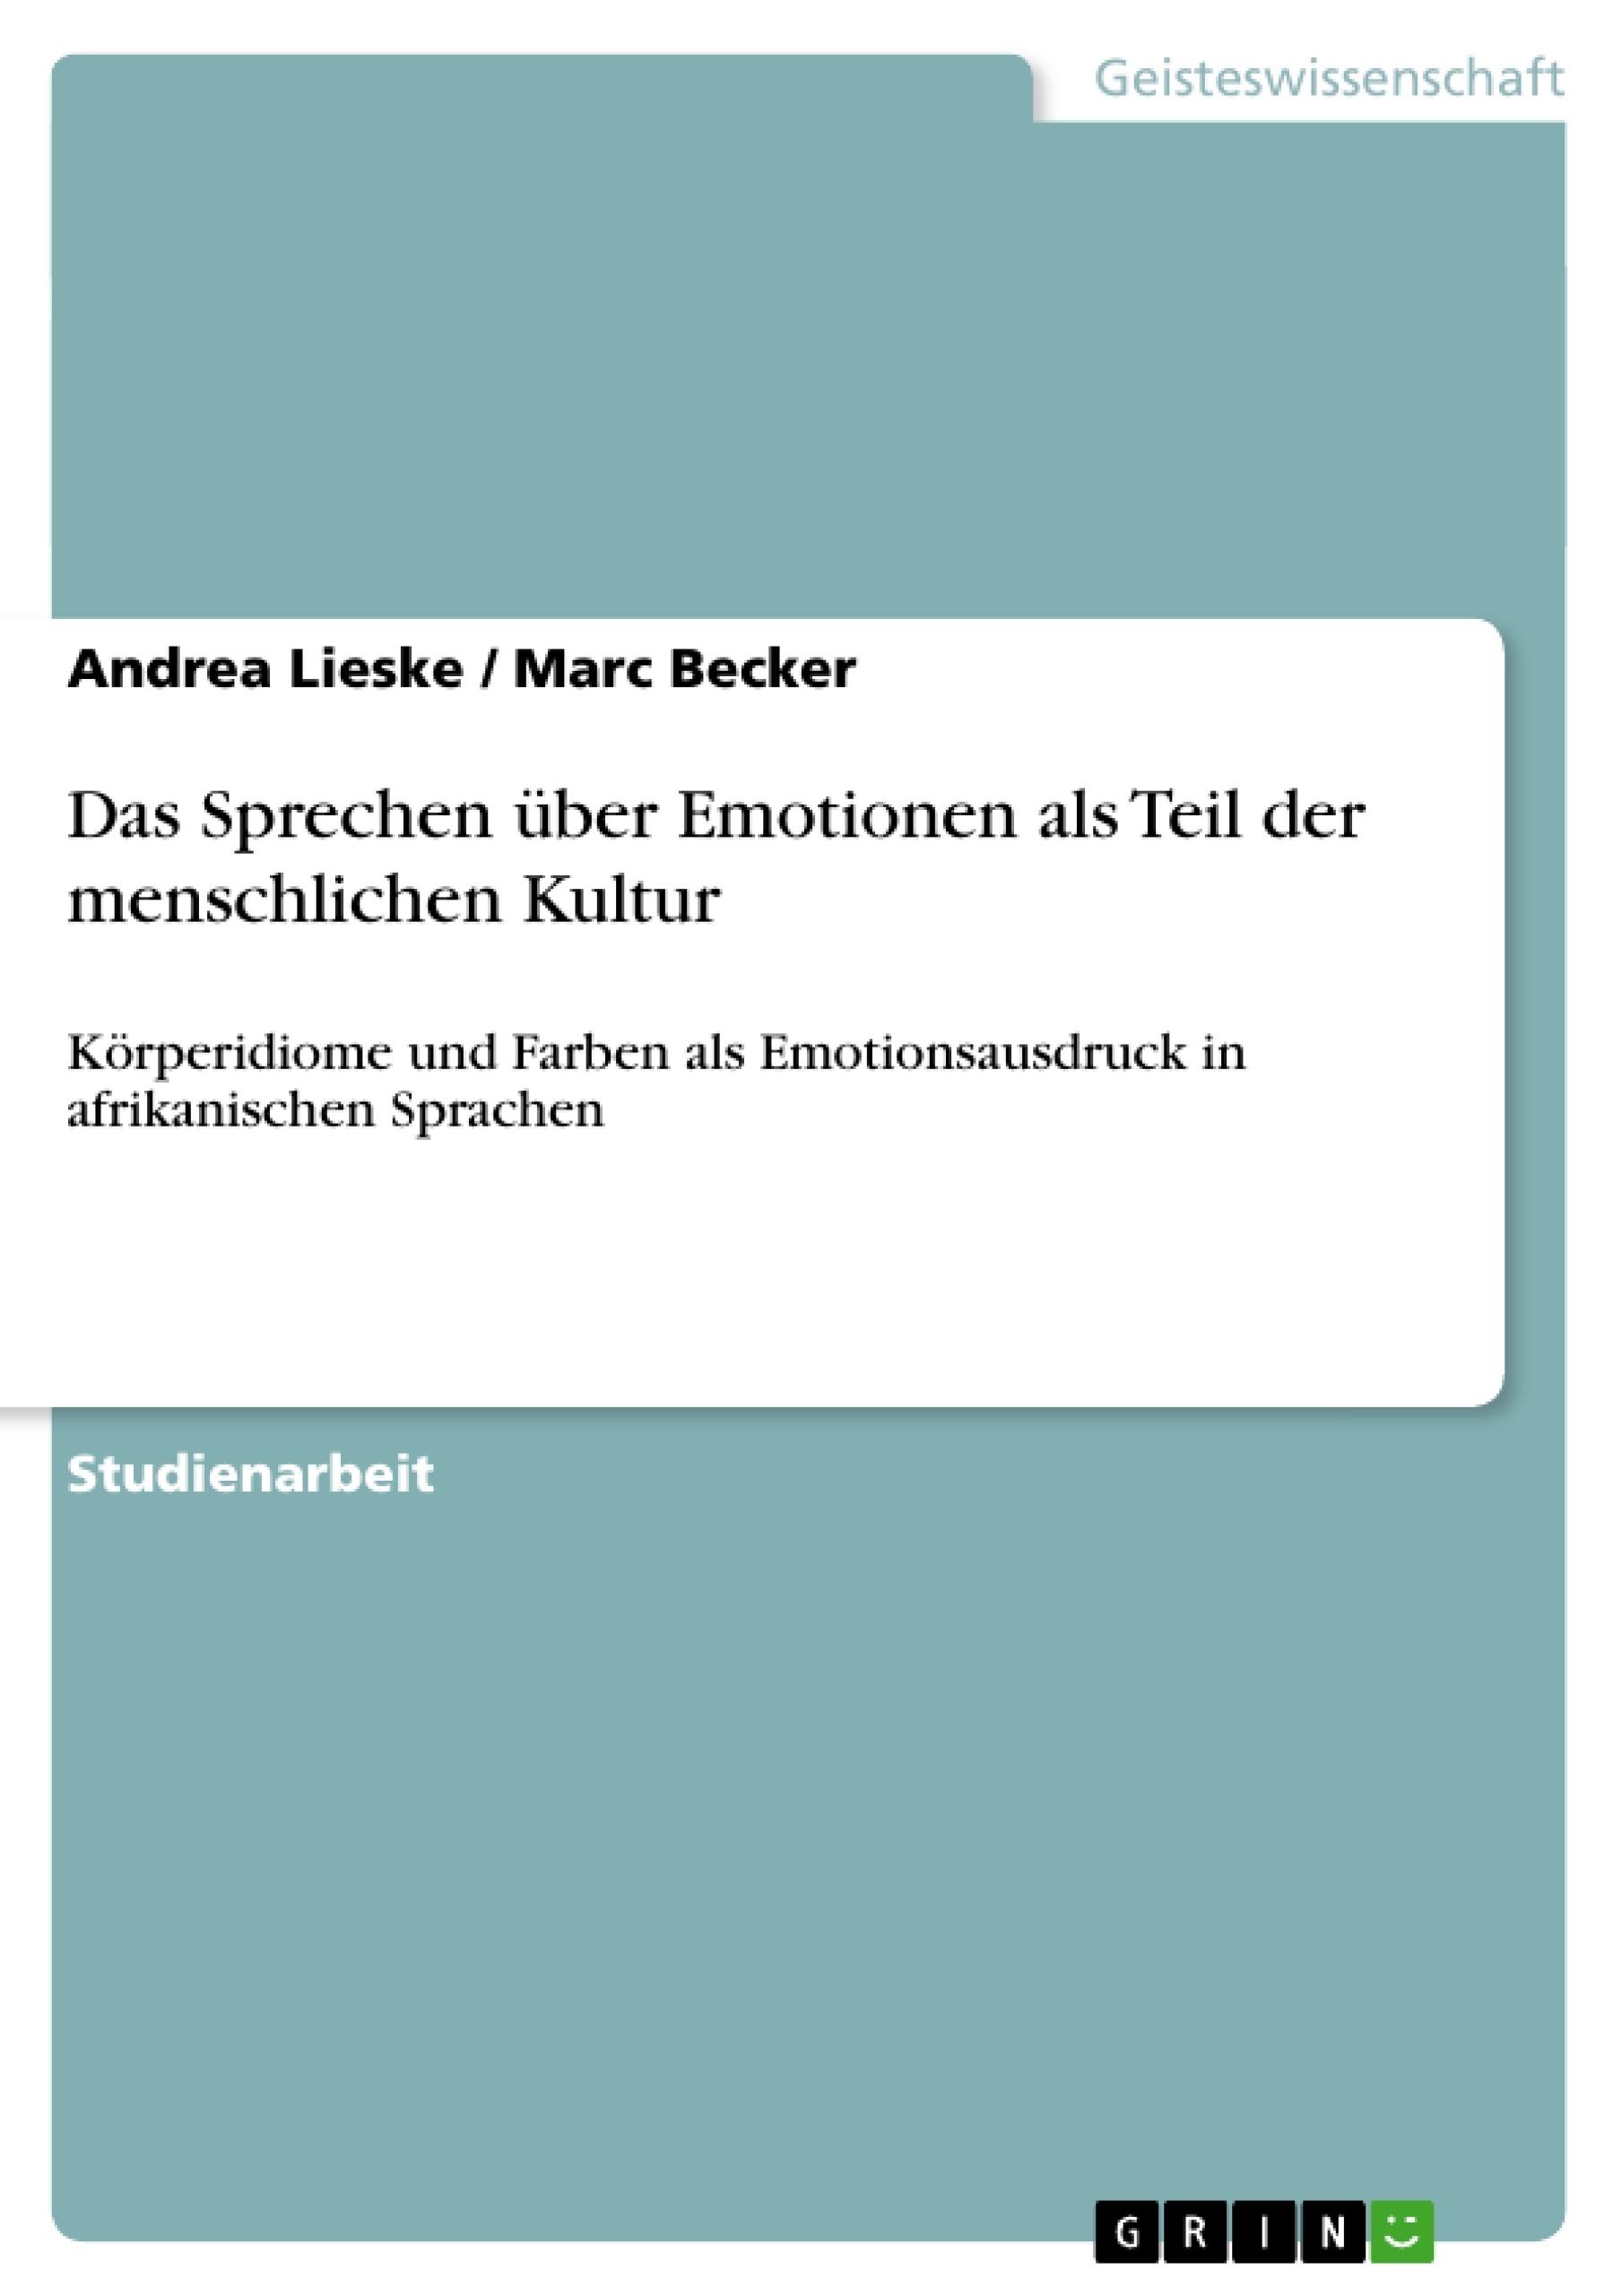 Titel: Das Sprechen über Emotionen als Teil der menschlichen Kultur